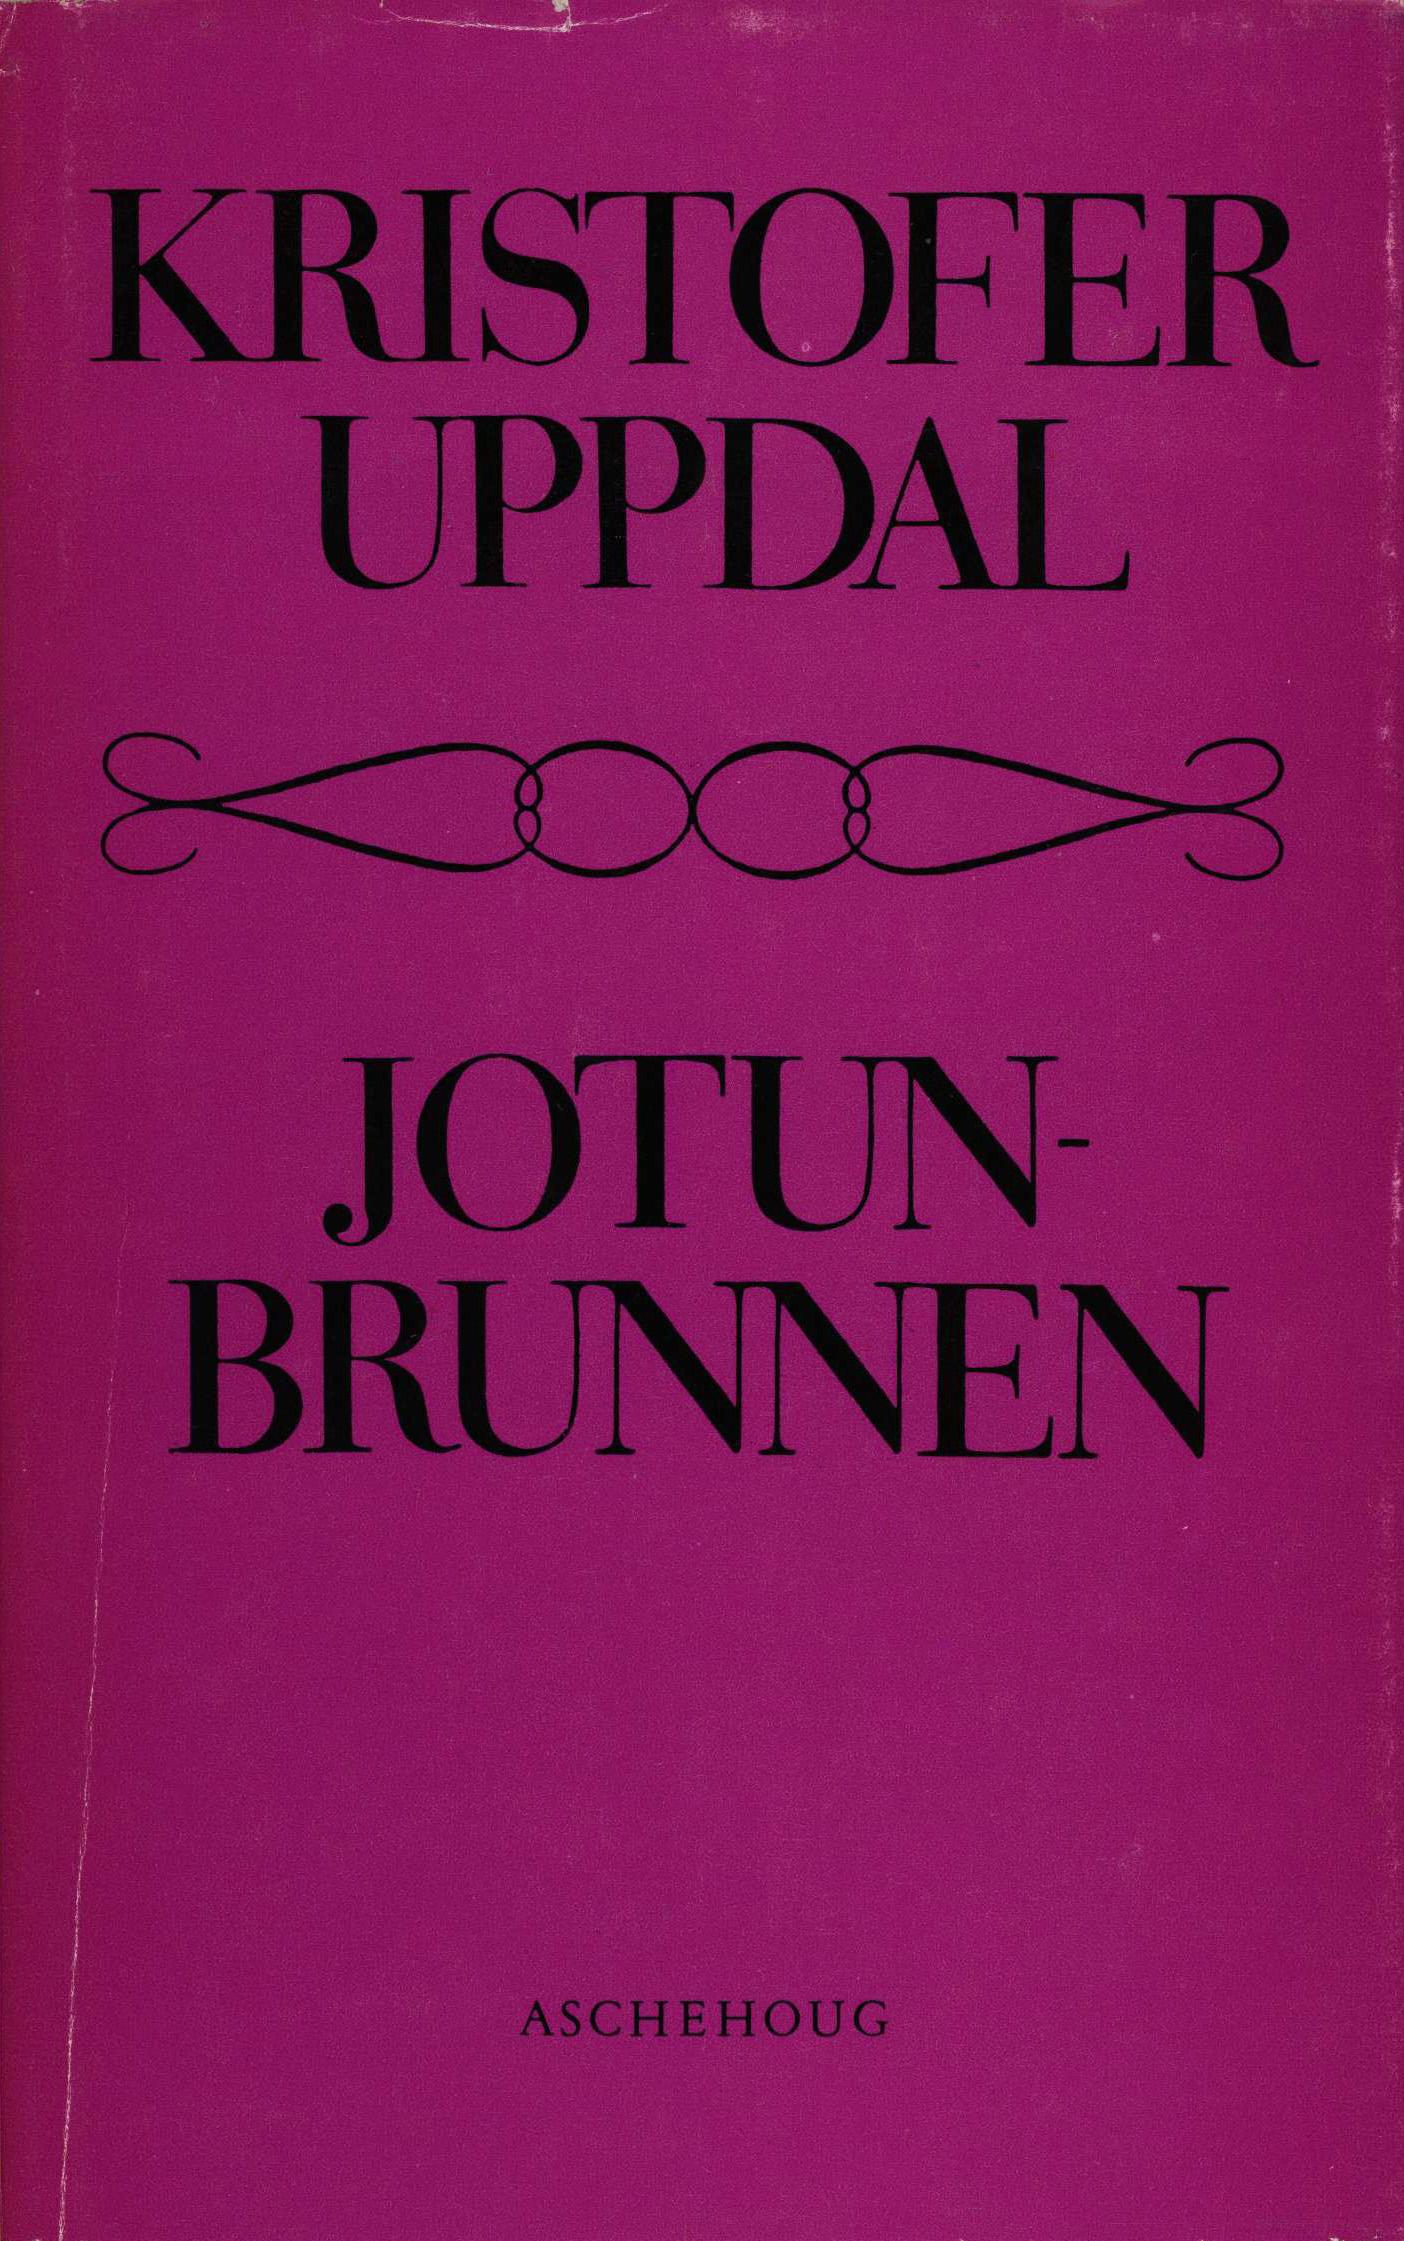 Kristofer Uppdal: Jotunbrunnen